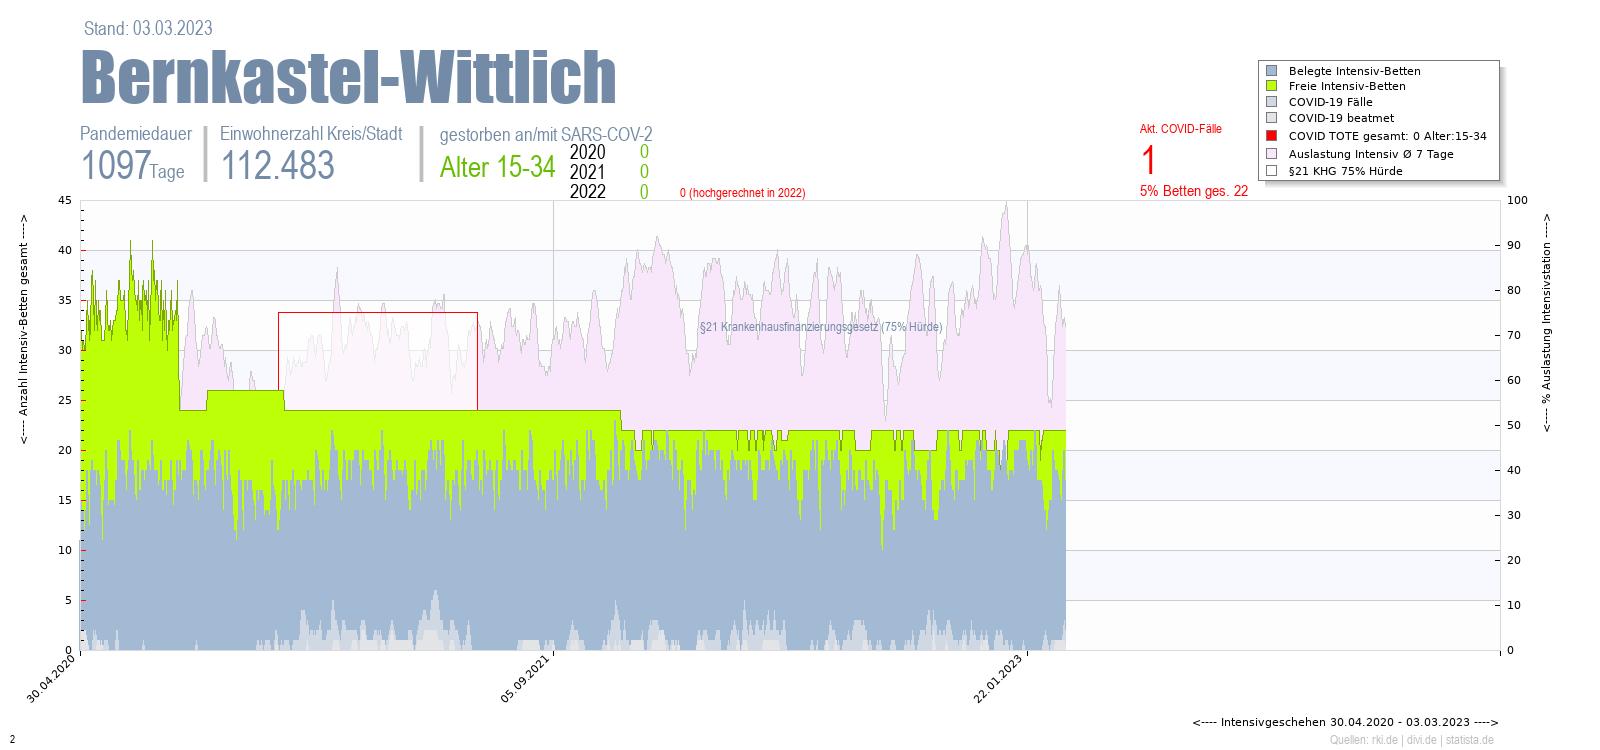 Intensivstation Auslastung Bernkastel-Wittlich Alter 0-4